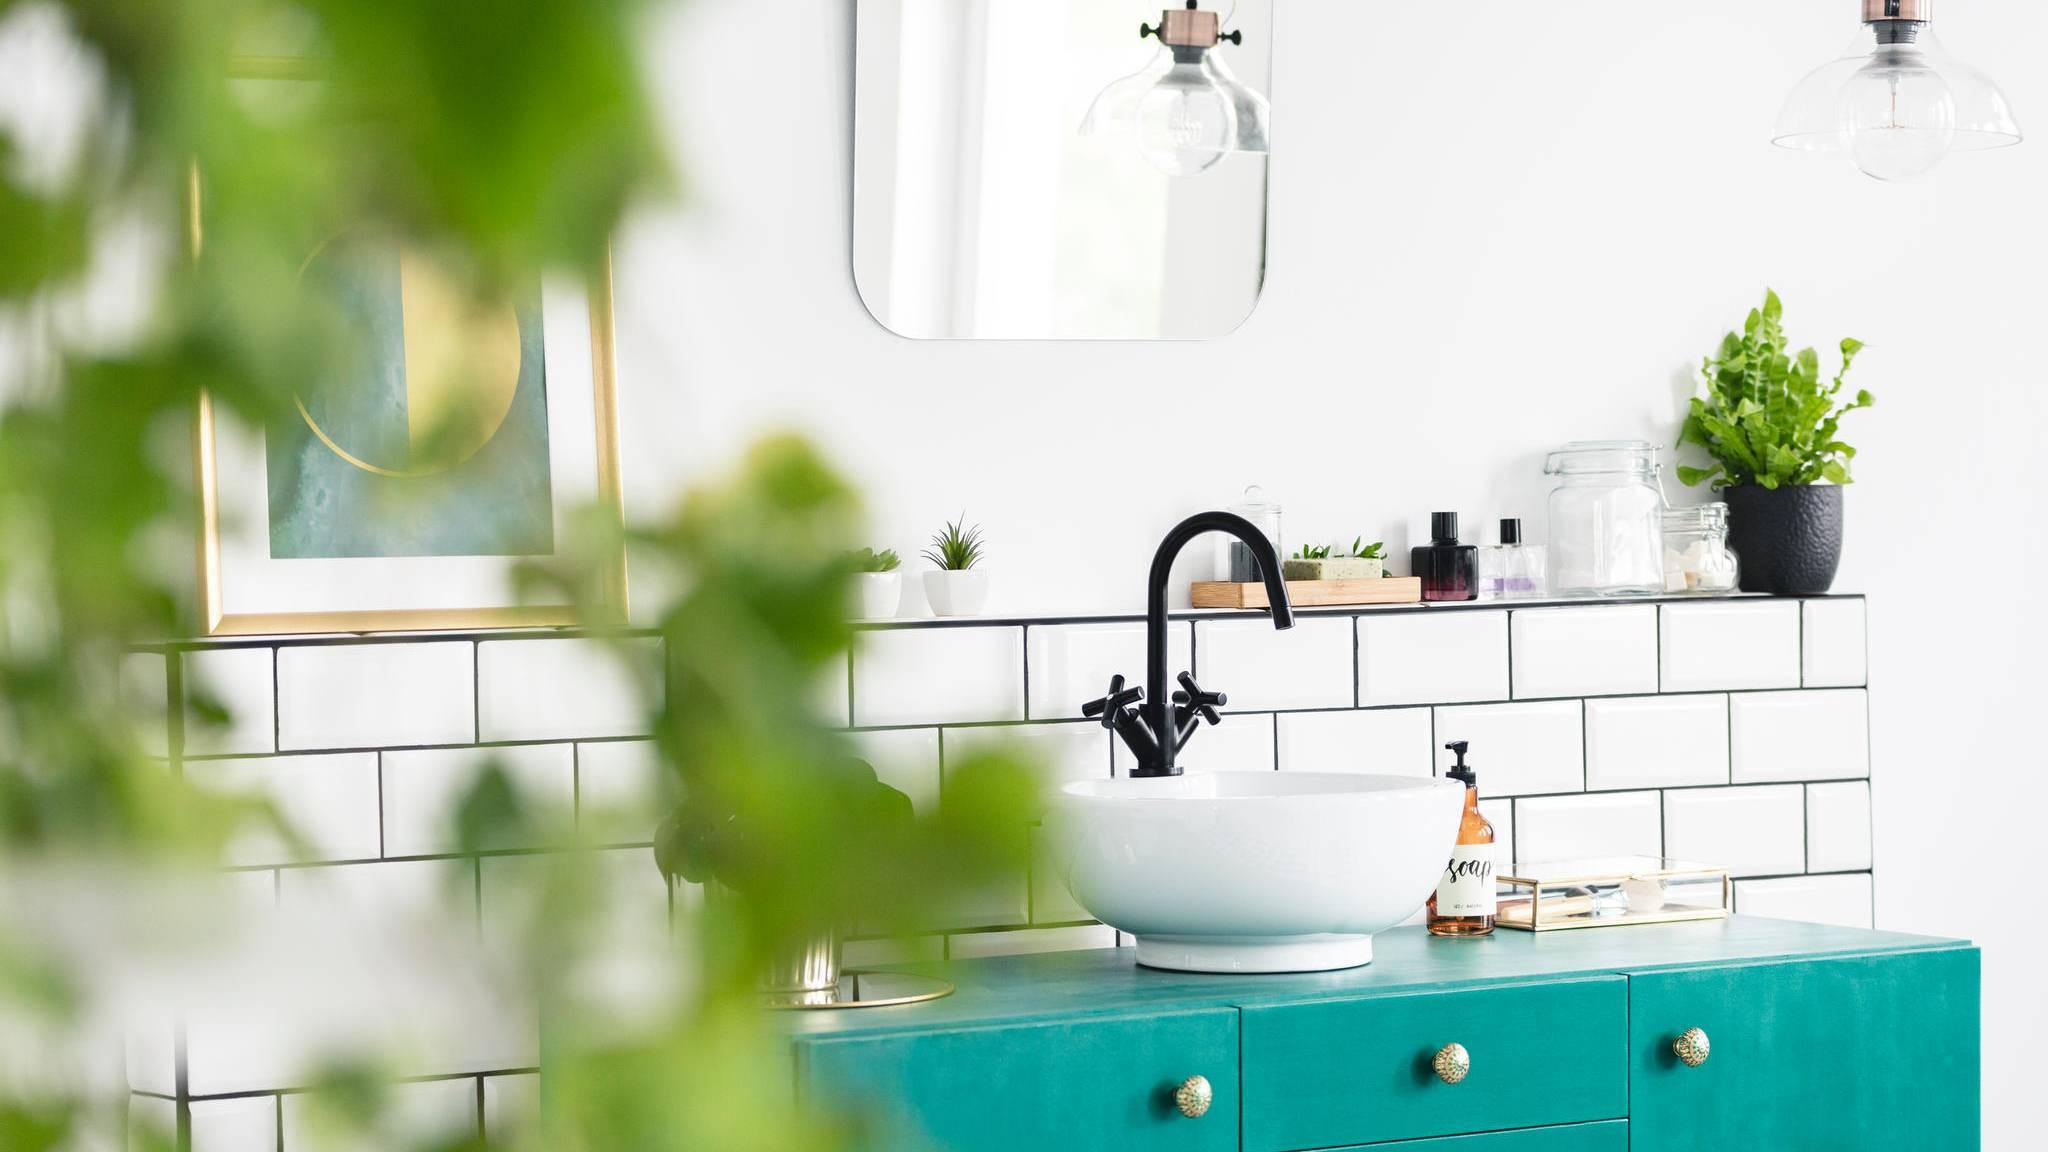 Bad-Ideen: 5 Ideen von Pinterest zum Nachstylen | STERN.de